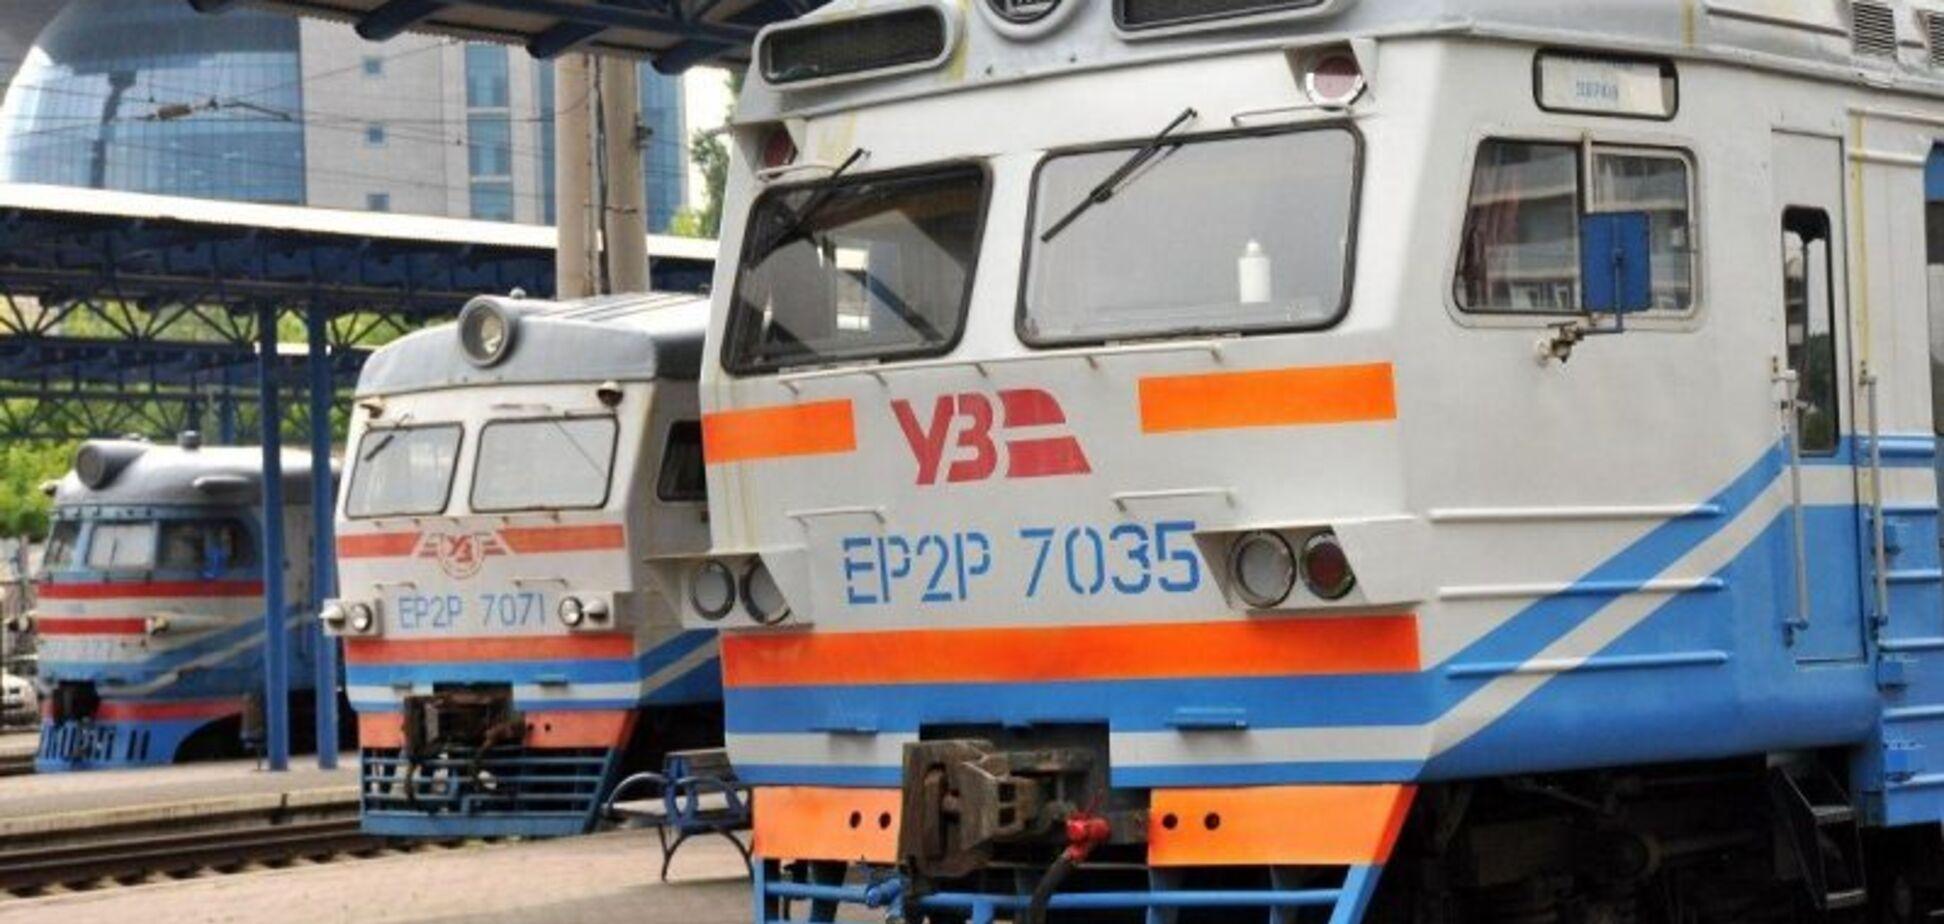 Списання залізничних вагонів за терміном їх експлуатації є нелогічним рішенням